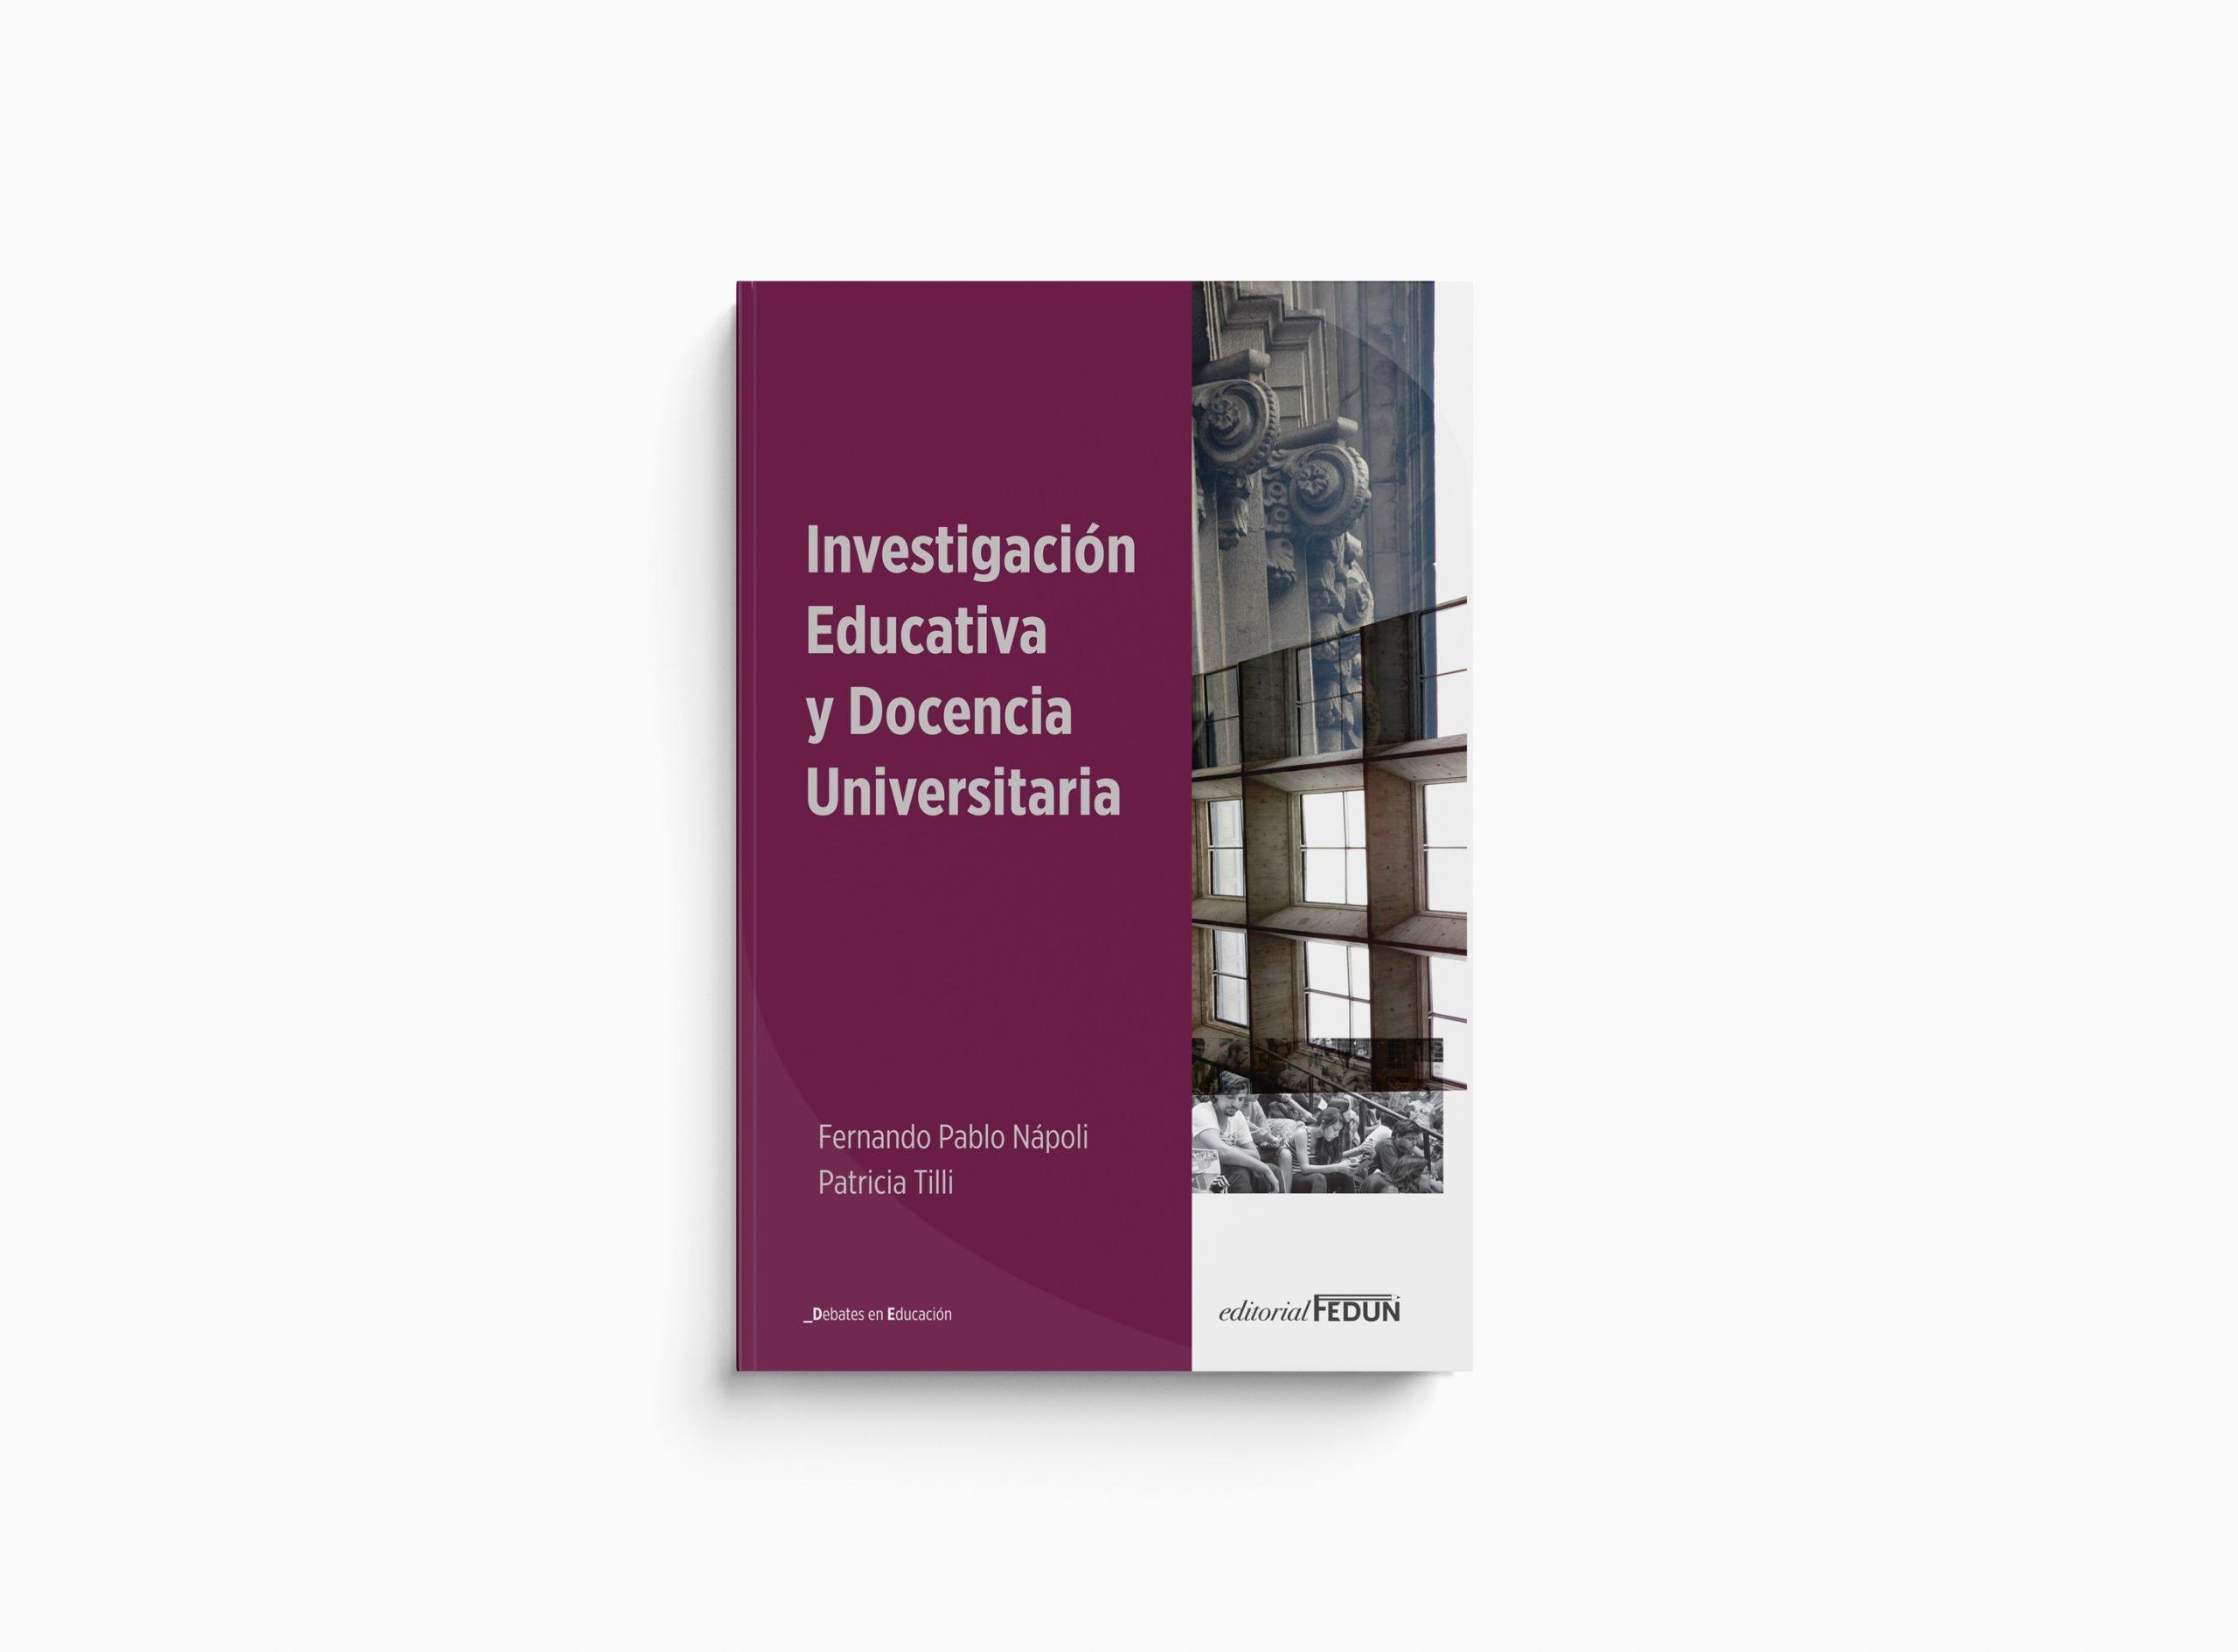 Investigación educativa y docencia universitaria